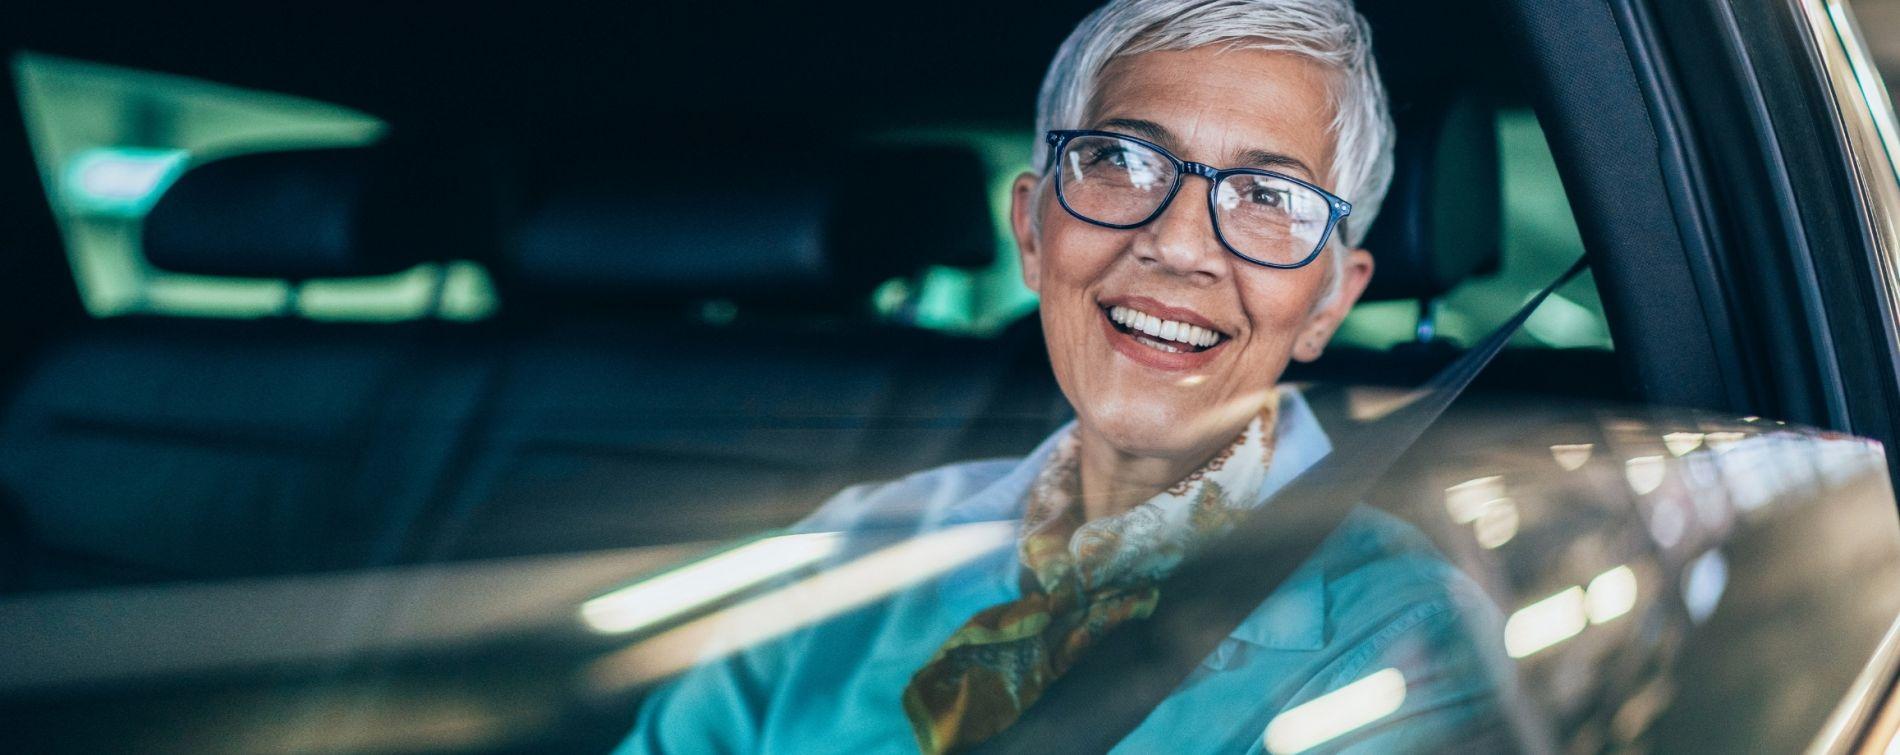 Потребительский кредит пенсионерам на авто